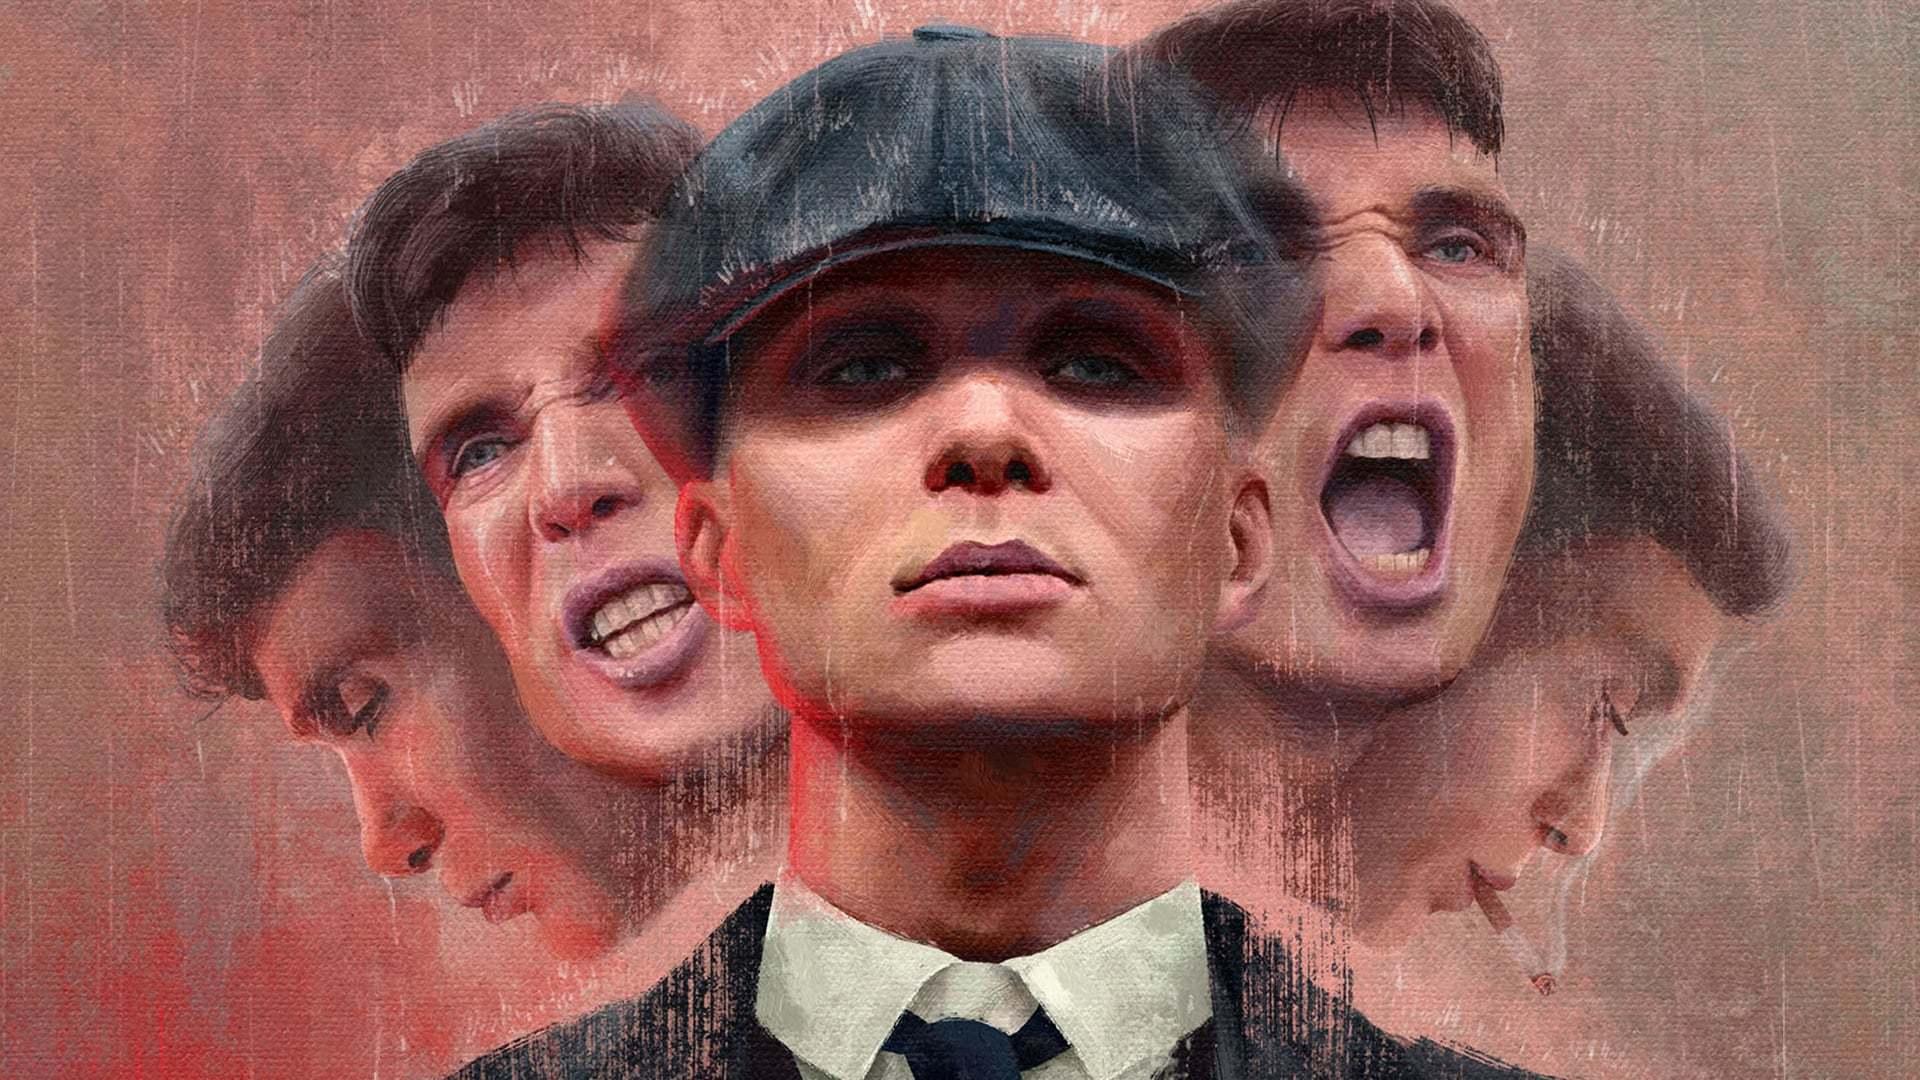 Кадры из фильма Острые козырьки Peaky Blinders 2013